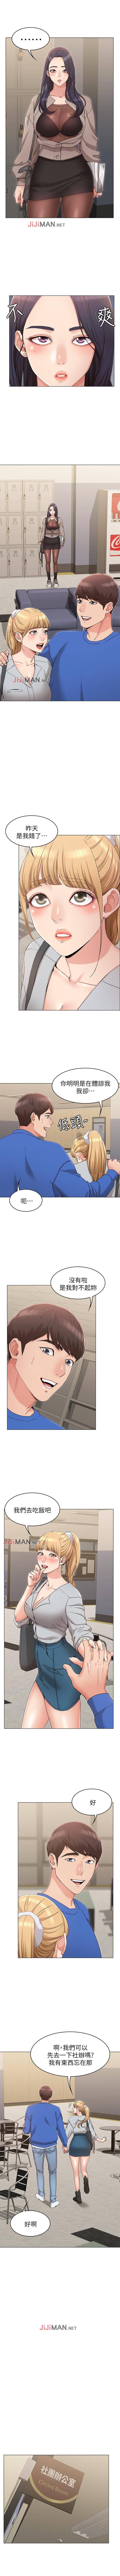 【周六连载】女友的姐姐(作者:橡果人&獵狗) 第1~23话 63